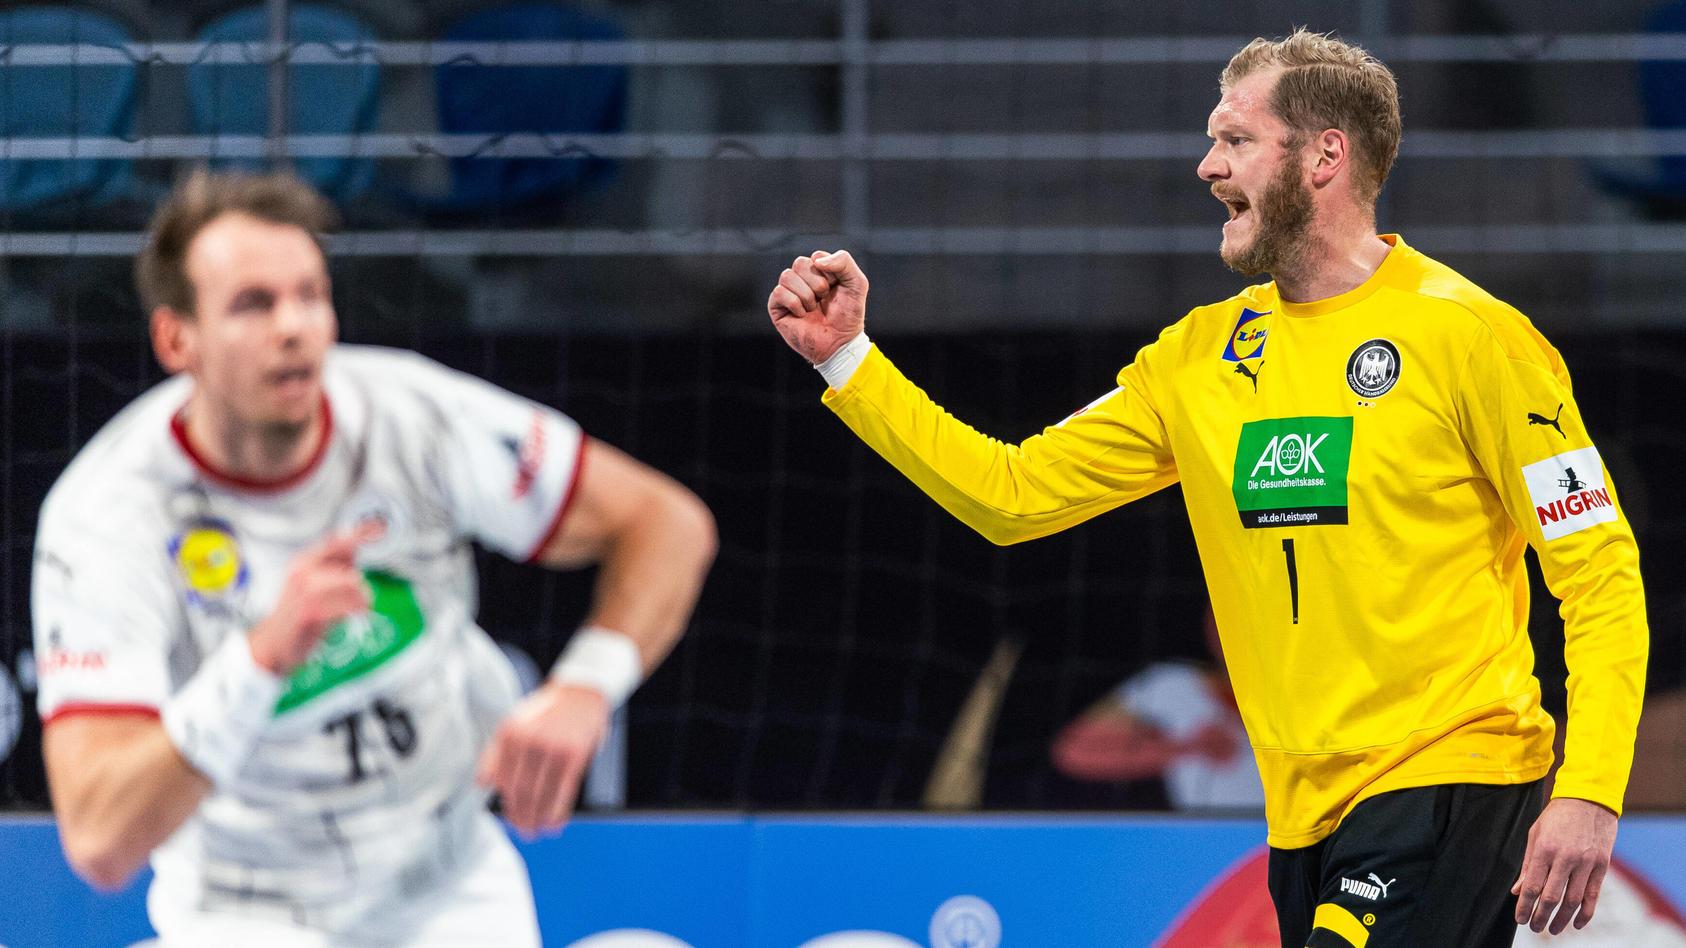 Deutschland-Keeper Johannes Bitter jubelt im Spiel gegen Uruguay (Archiv).